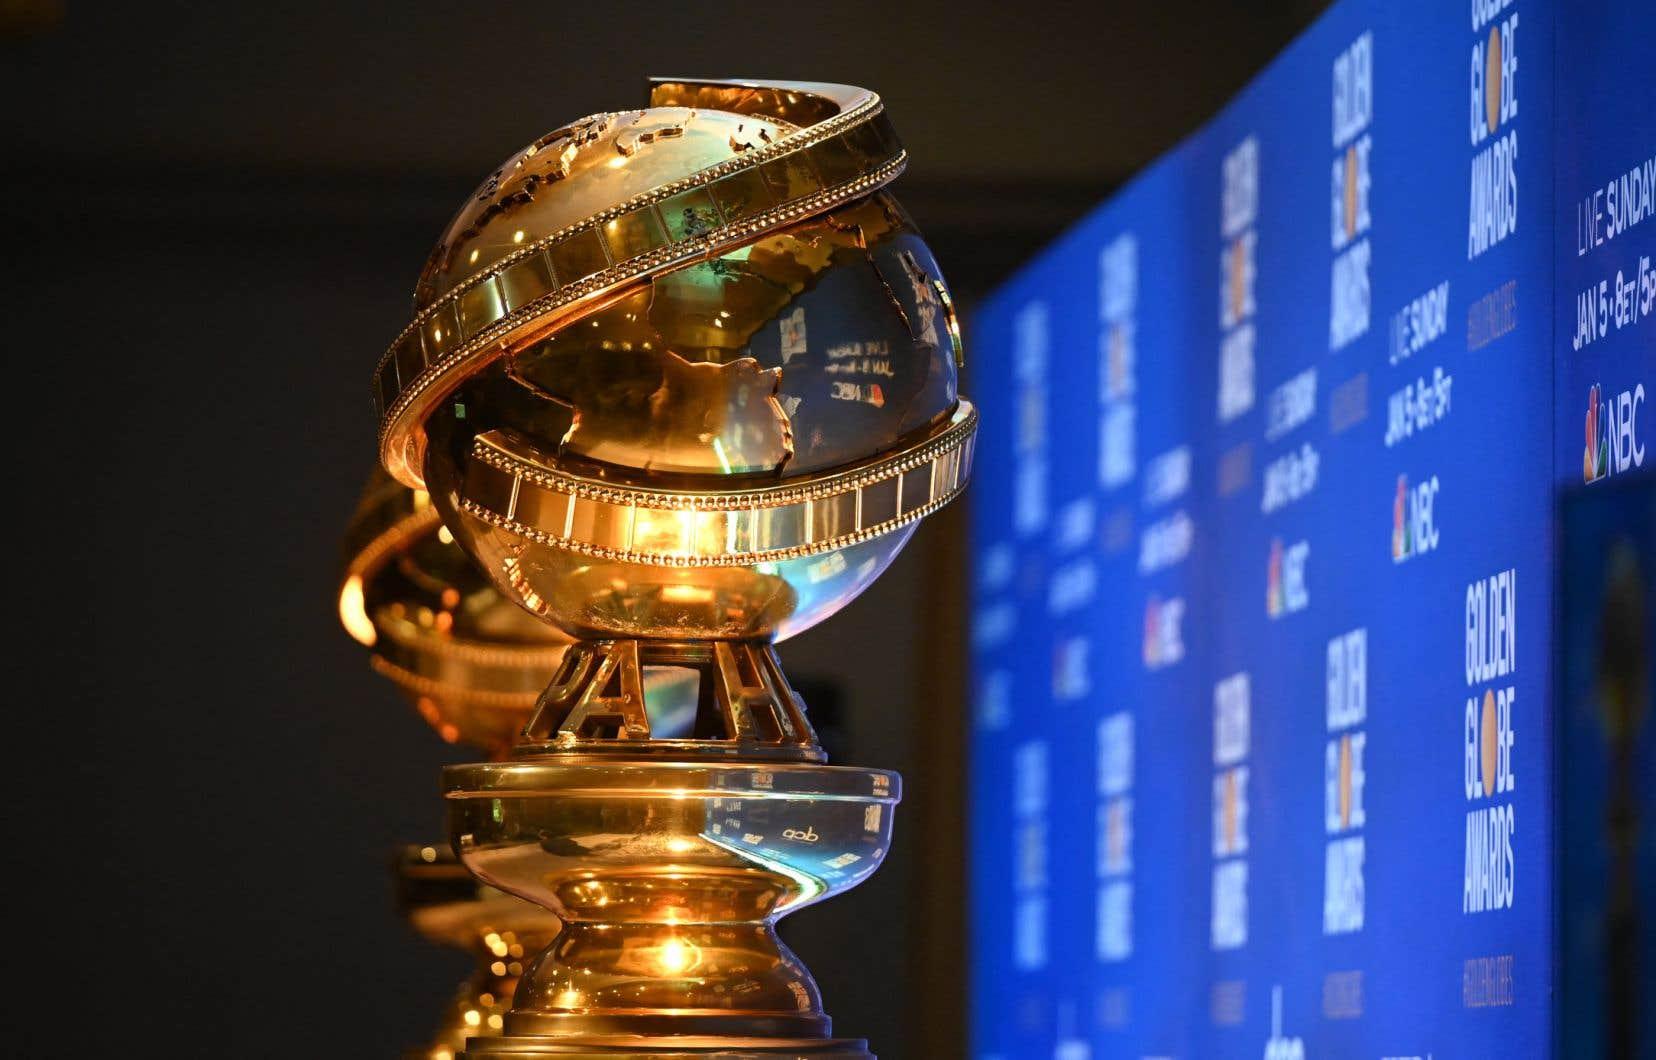 L'Association de la presse étrangère d'Hollywood (HFPA en anglais), qui constitue le jury des Golden Globes,a été à de multiples reprises critiquée pour le peu d'attention accordée aux artistes noirs ou issus de minorités, souvent snobés dans les palmarès des Golden Globes.